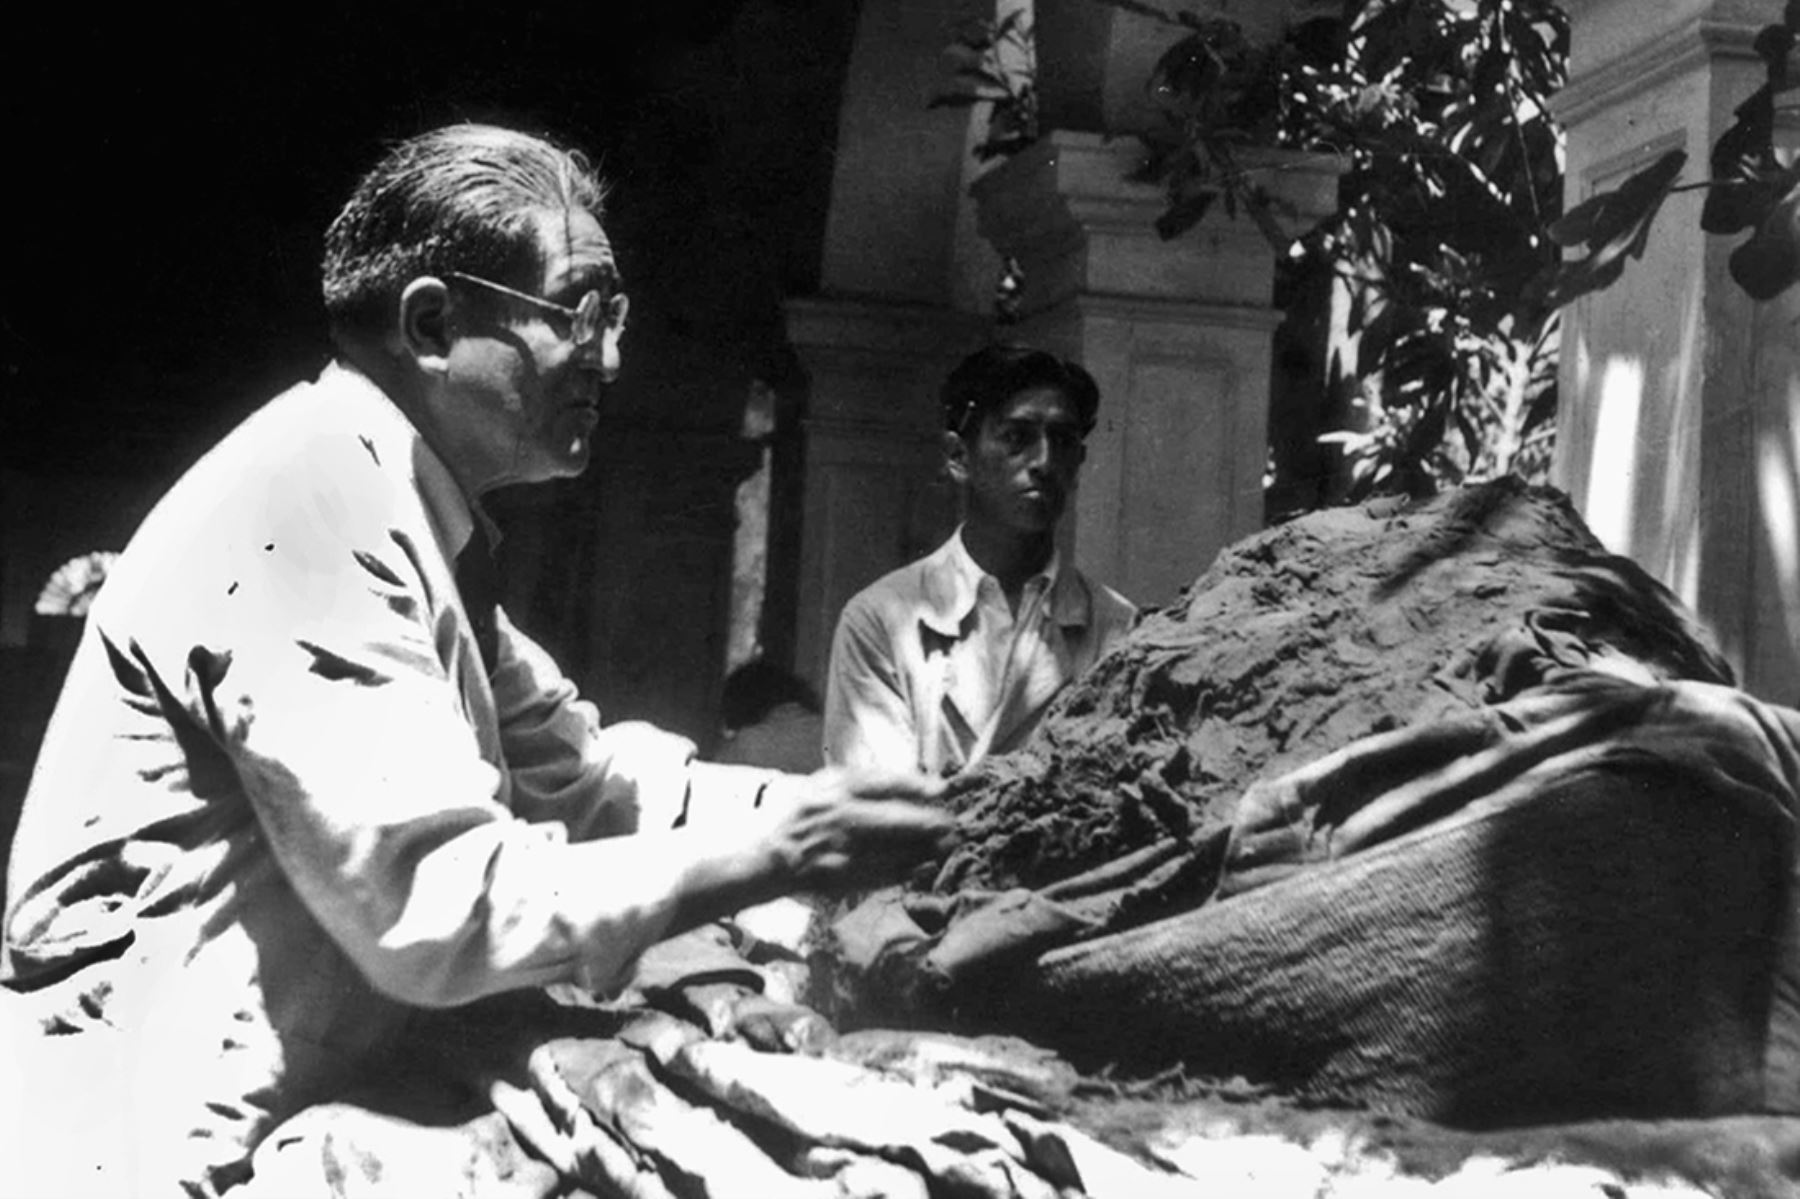 """El próximo 11 de abril se conmemorará el Día del Arqueólogo, en honor a Julio César Tello, considerado el """"Padre de la arqueología peruana"""", y en reconocimiento a todos los arqueólogos que contribuyen al estudio, comprensión, recuperación y revaloración de nuestro patrimonio cultural, rescatando los valores de las antiguas sociedades andinas. ANDINA/archivo"""